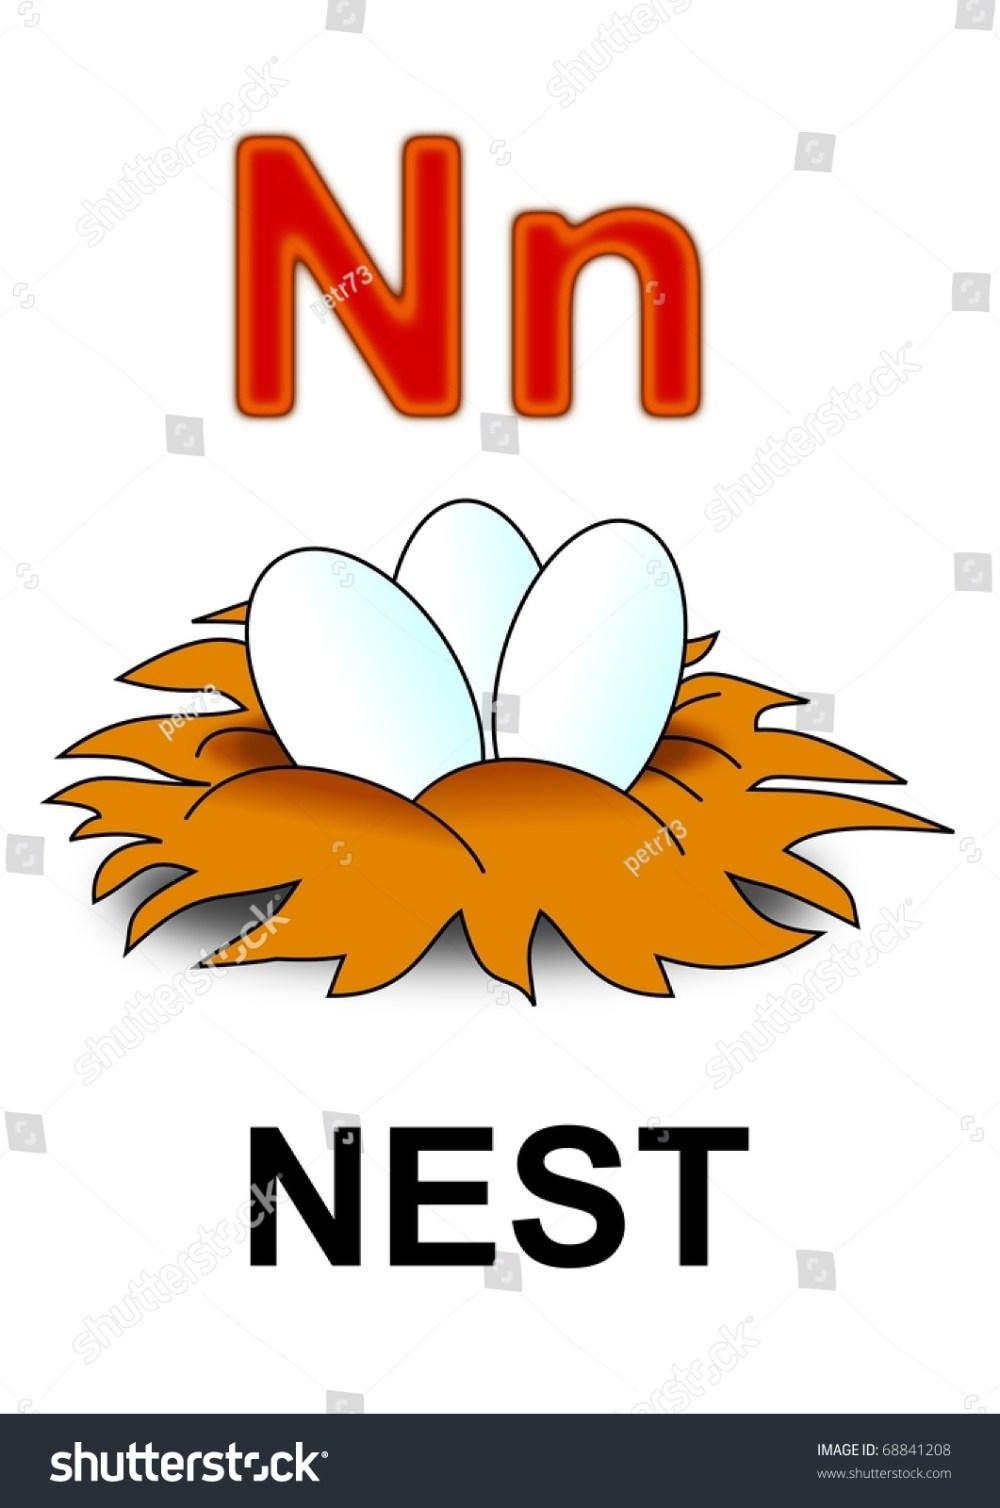 medium resolution of letter n nest